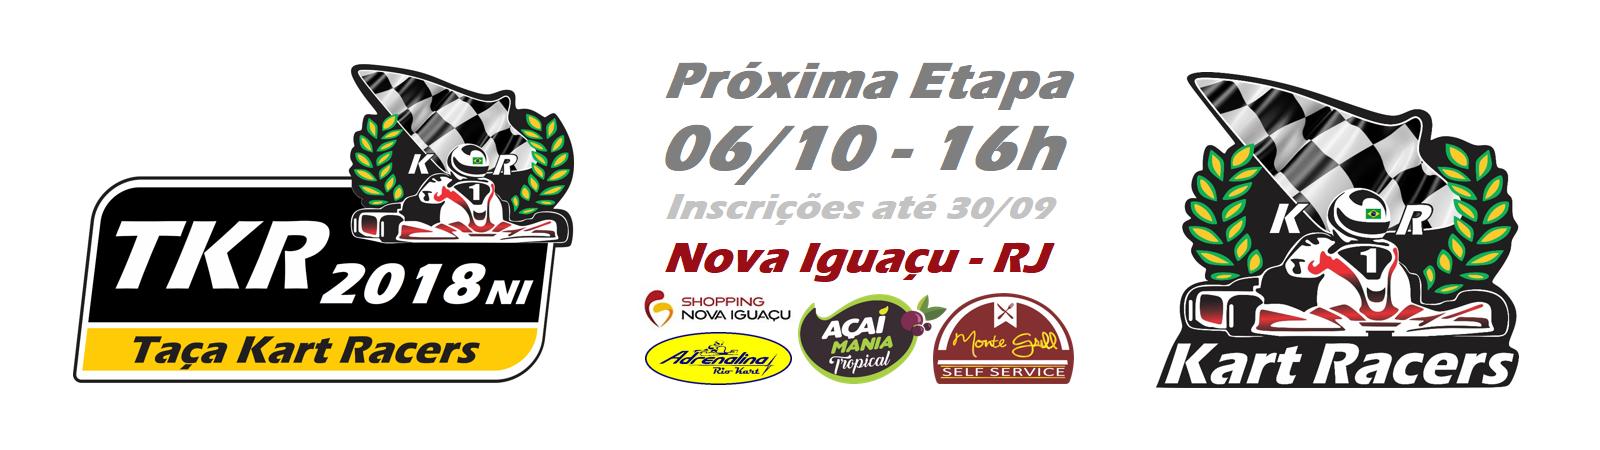 TAÇA KART RACERS 2018 Nova Iguaçu - TKR2018NI - Ver calendário - Imagem de topo